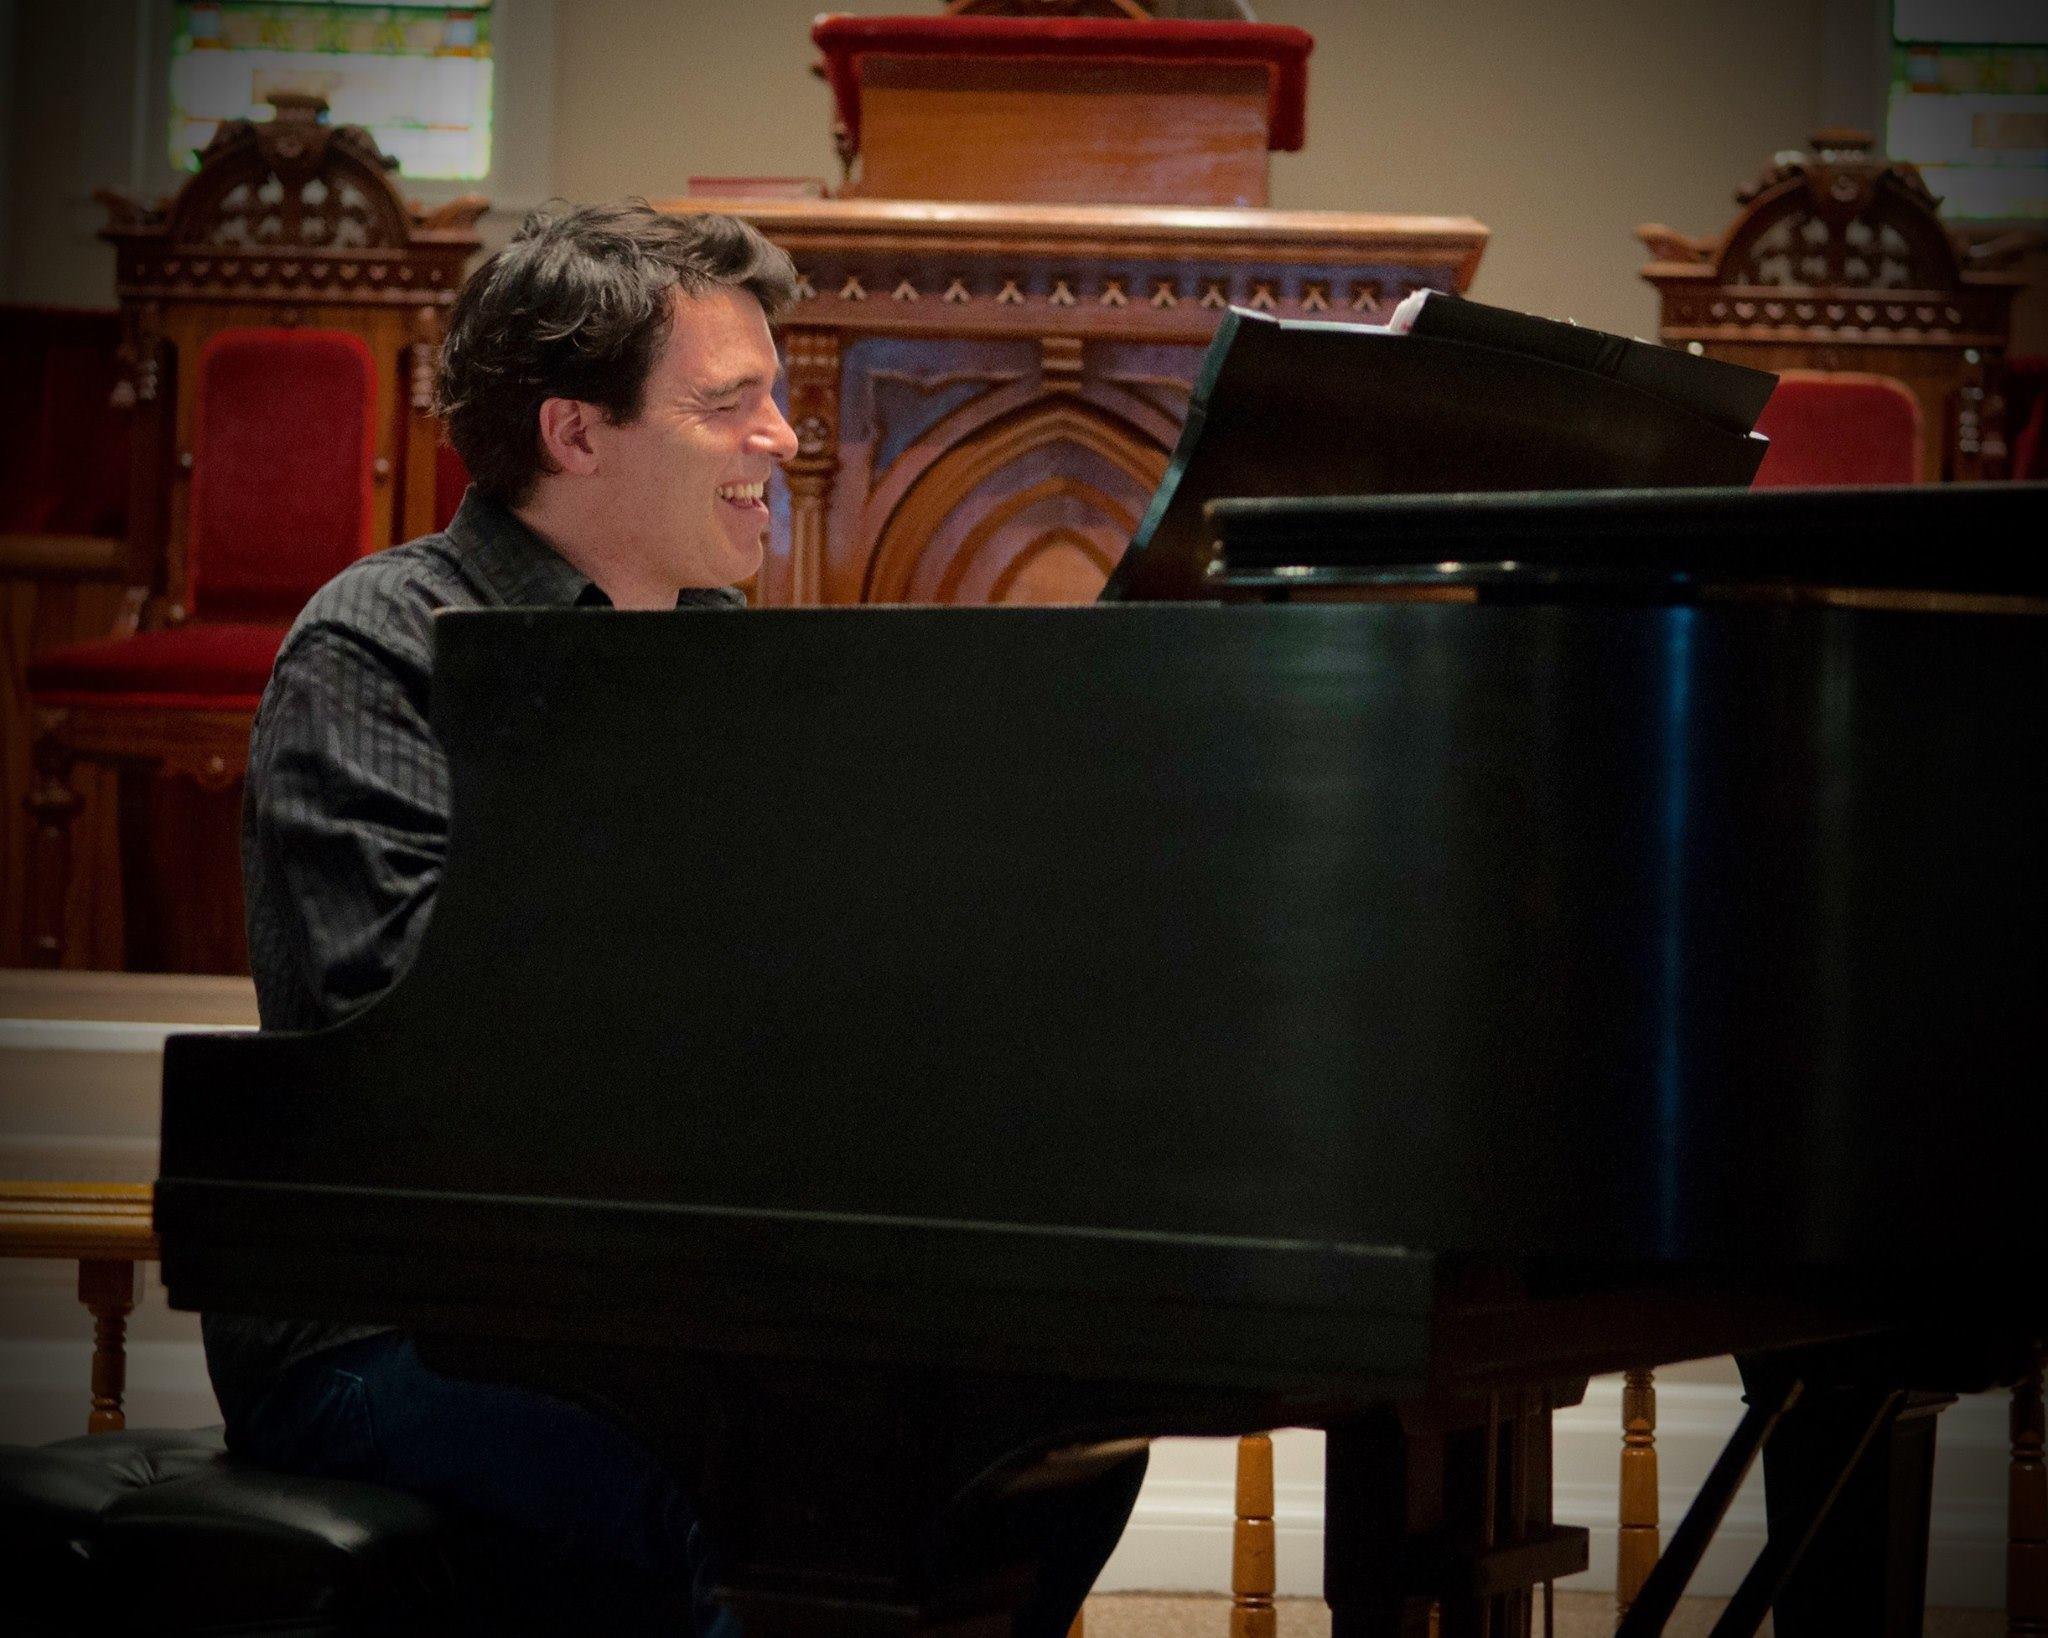 Jazz pianist, Daniel Kelly. Photo: Alicia Bodmer